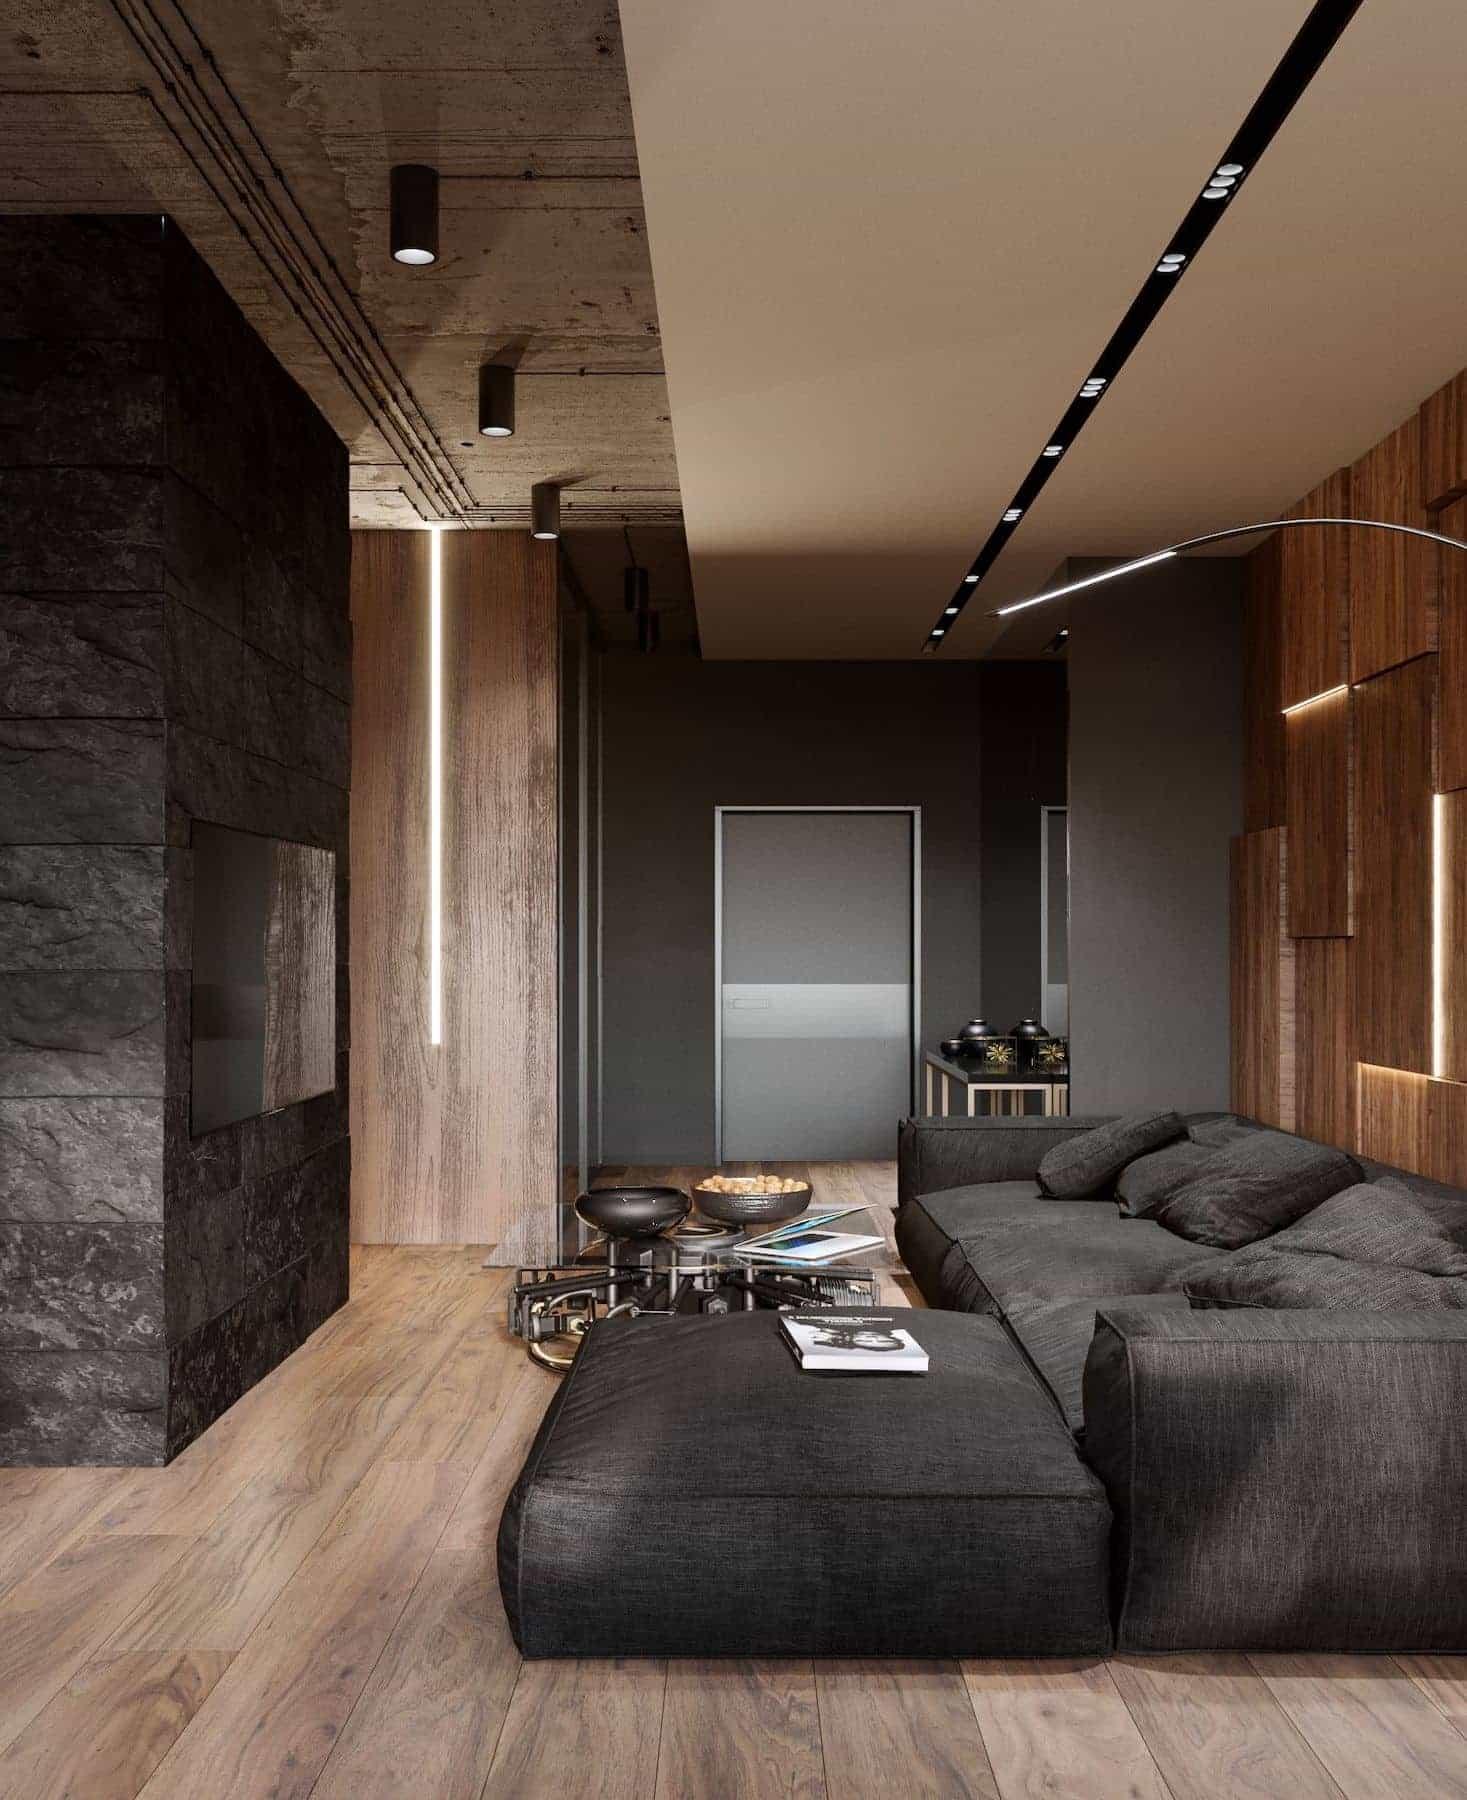 Двухуровневая квартира в санкт петербурге фото самые интересные